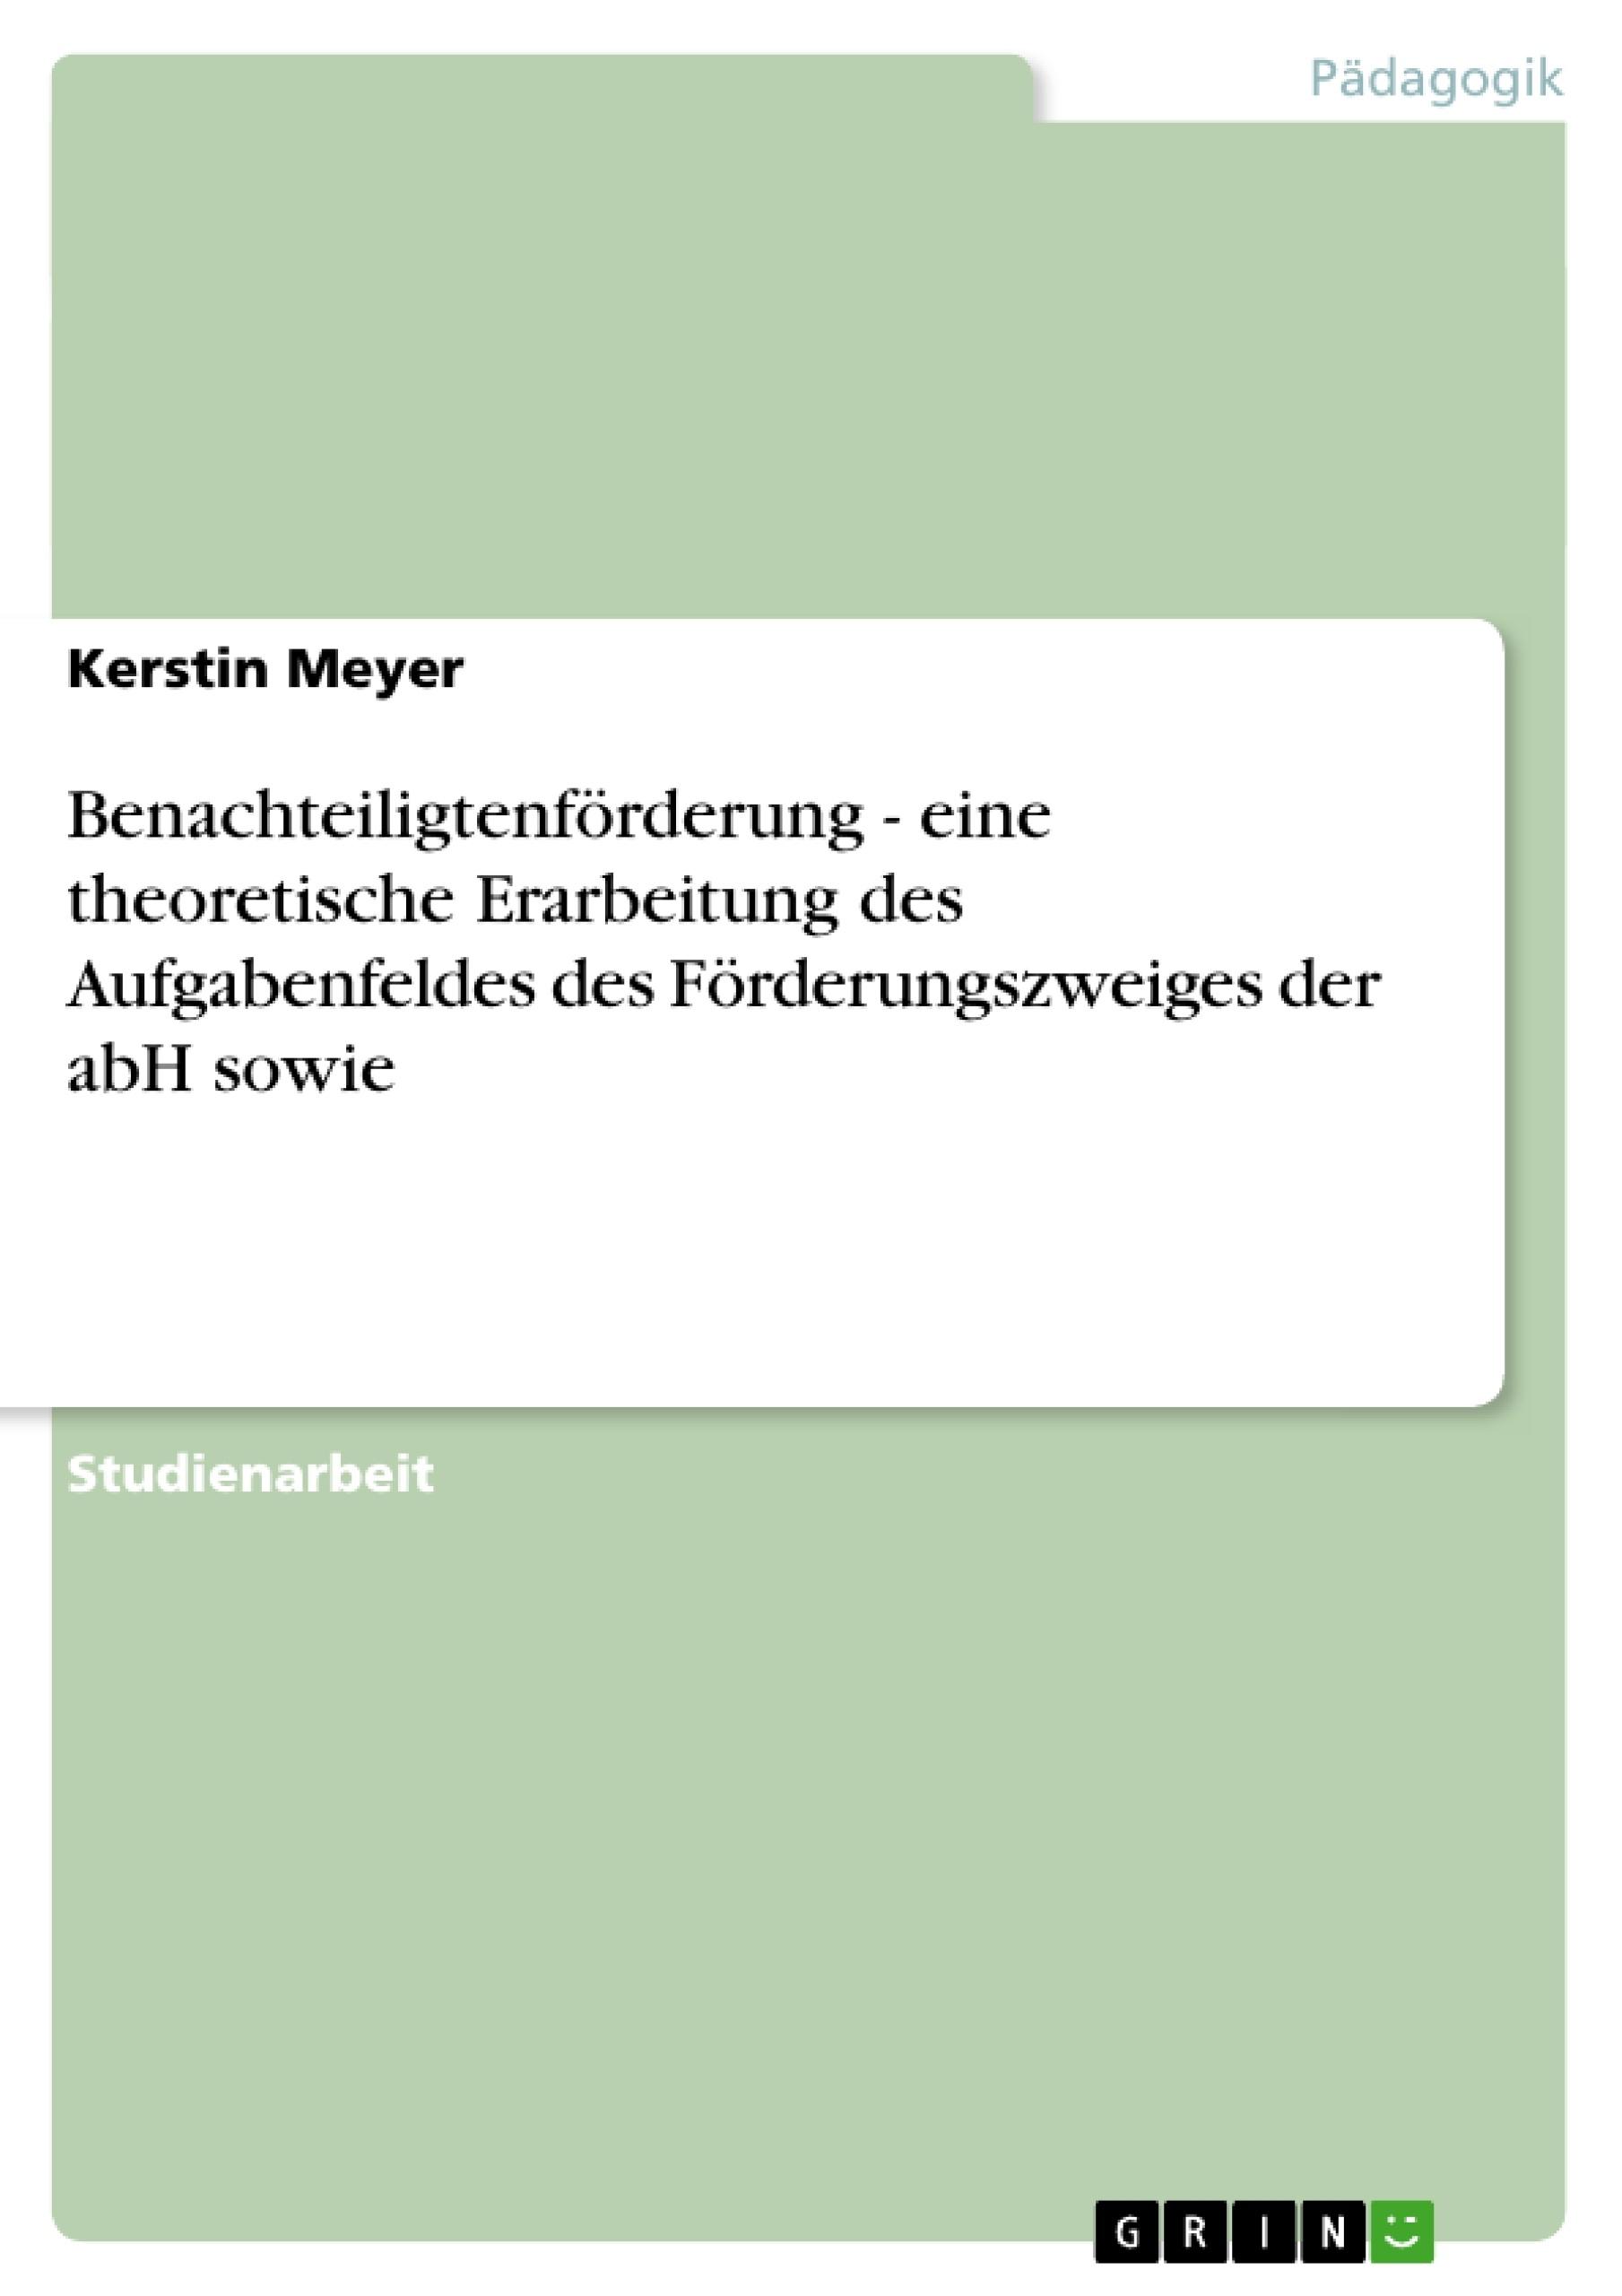 Titel: Benachteiligtenförderung - eine theoretische Erarbeitung des Aufgabenfeldes des Förderungszweiges der abH sowie